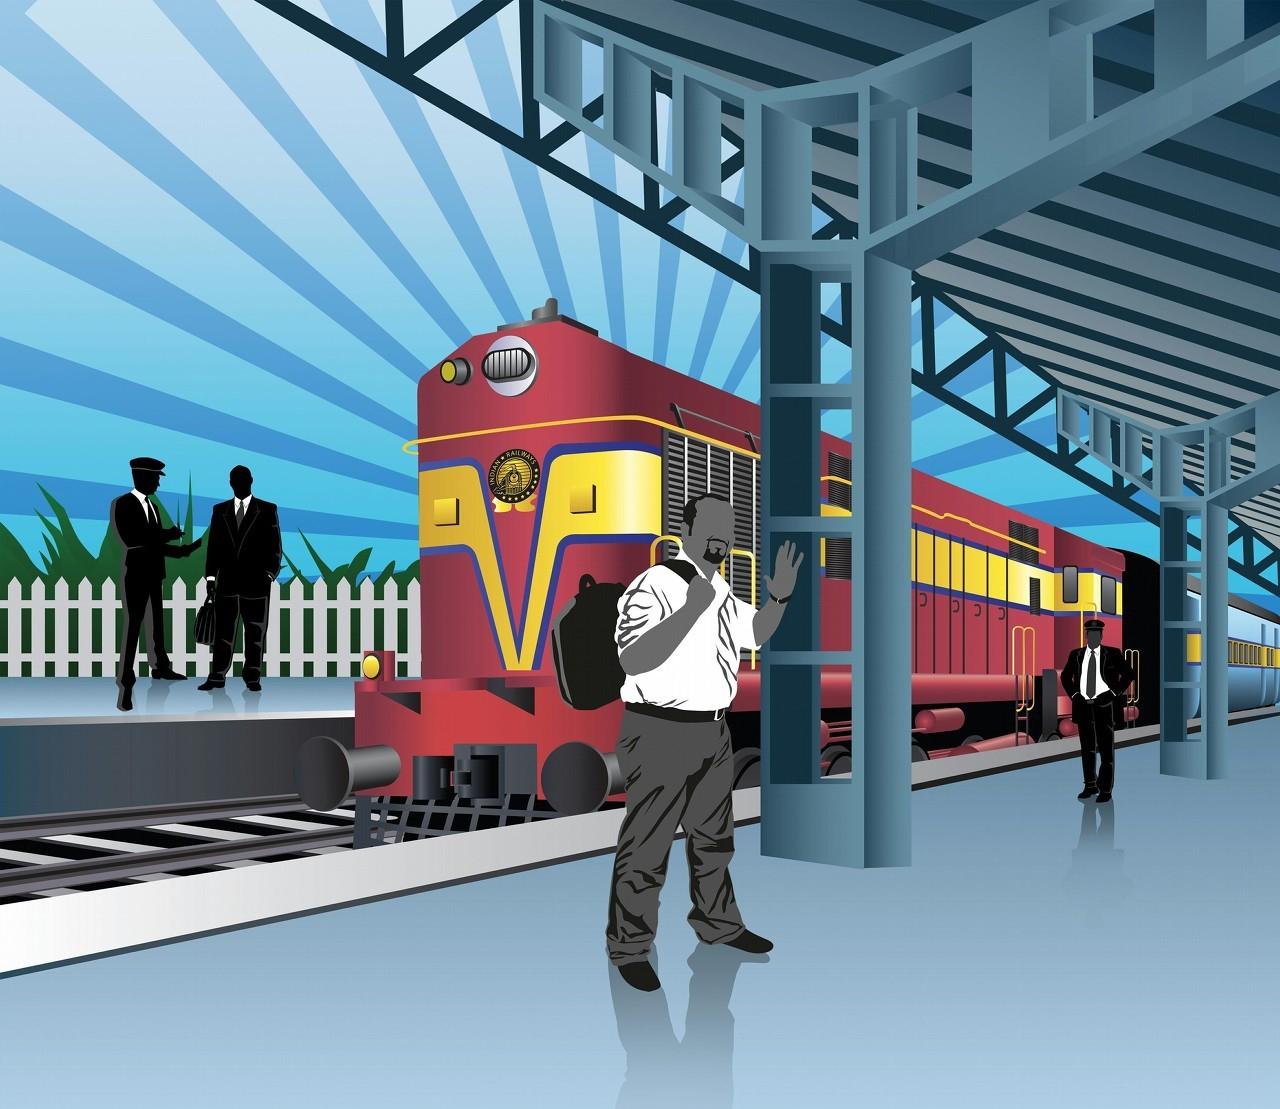 火車站靈異事件匯總:網友們火車站經歷的靈異事